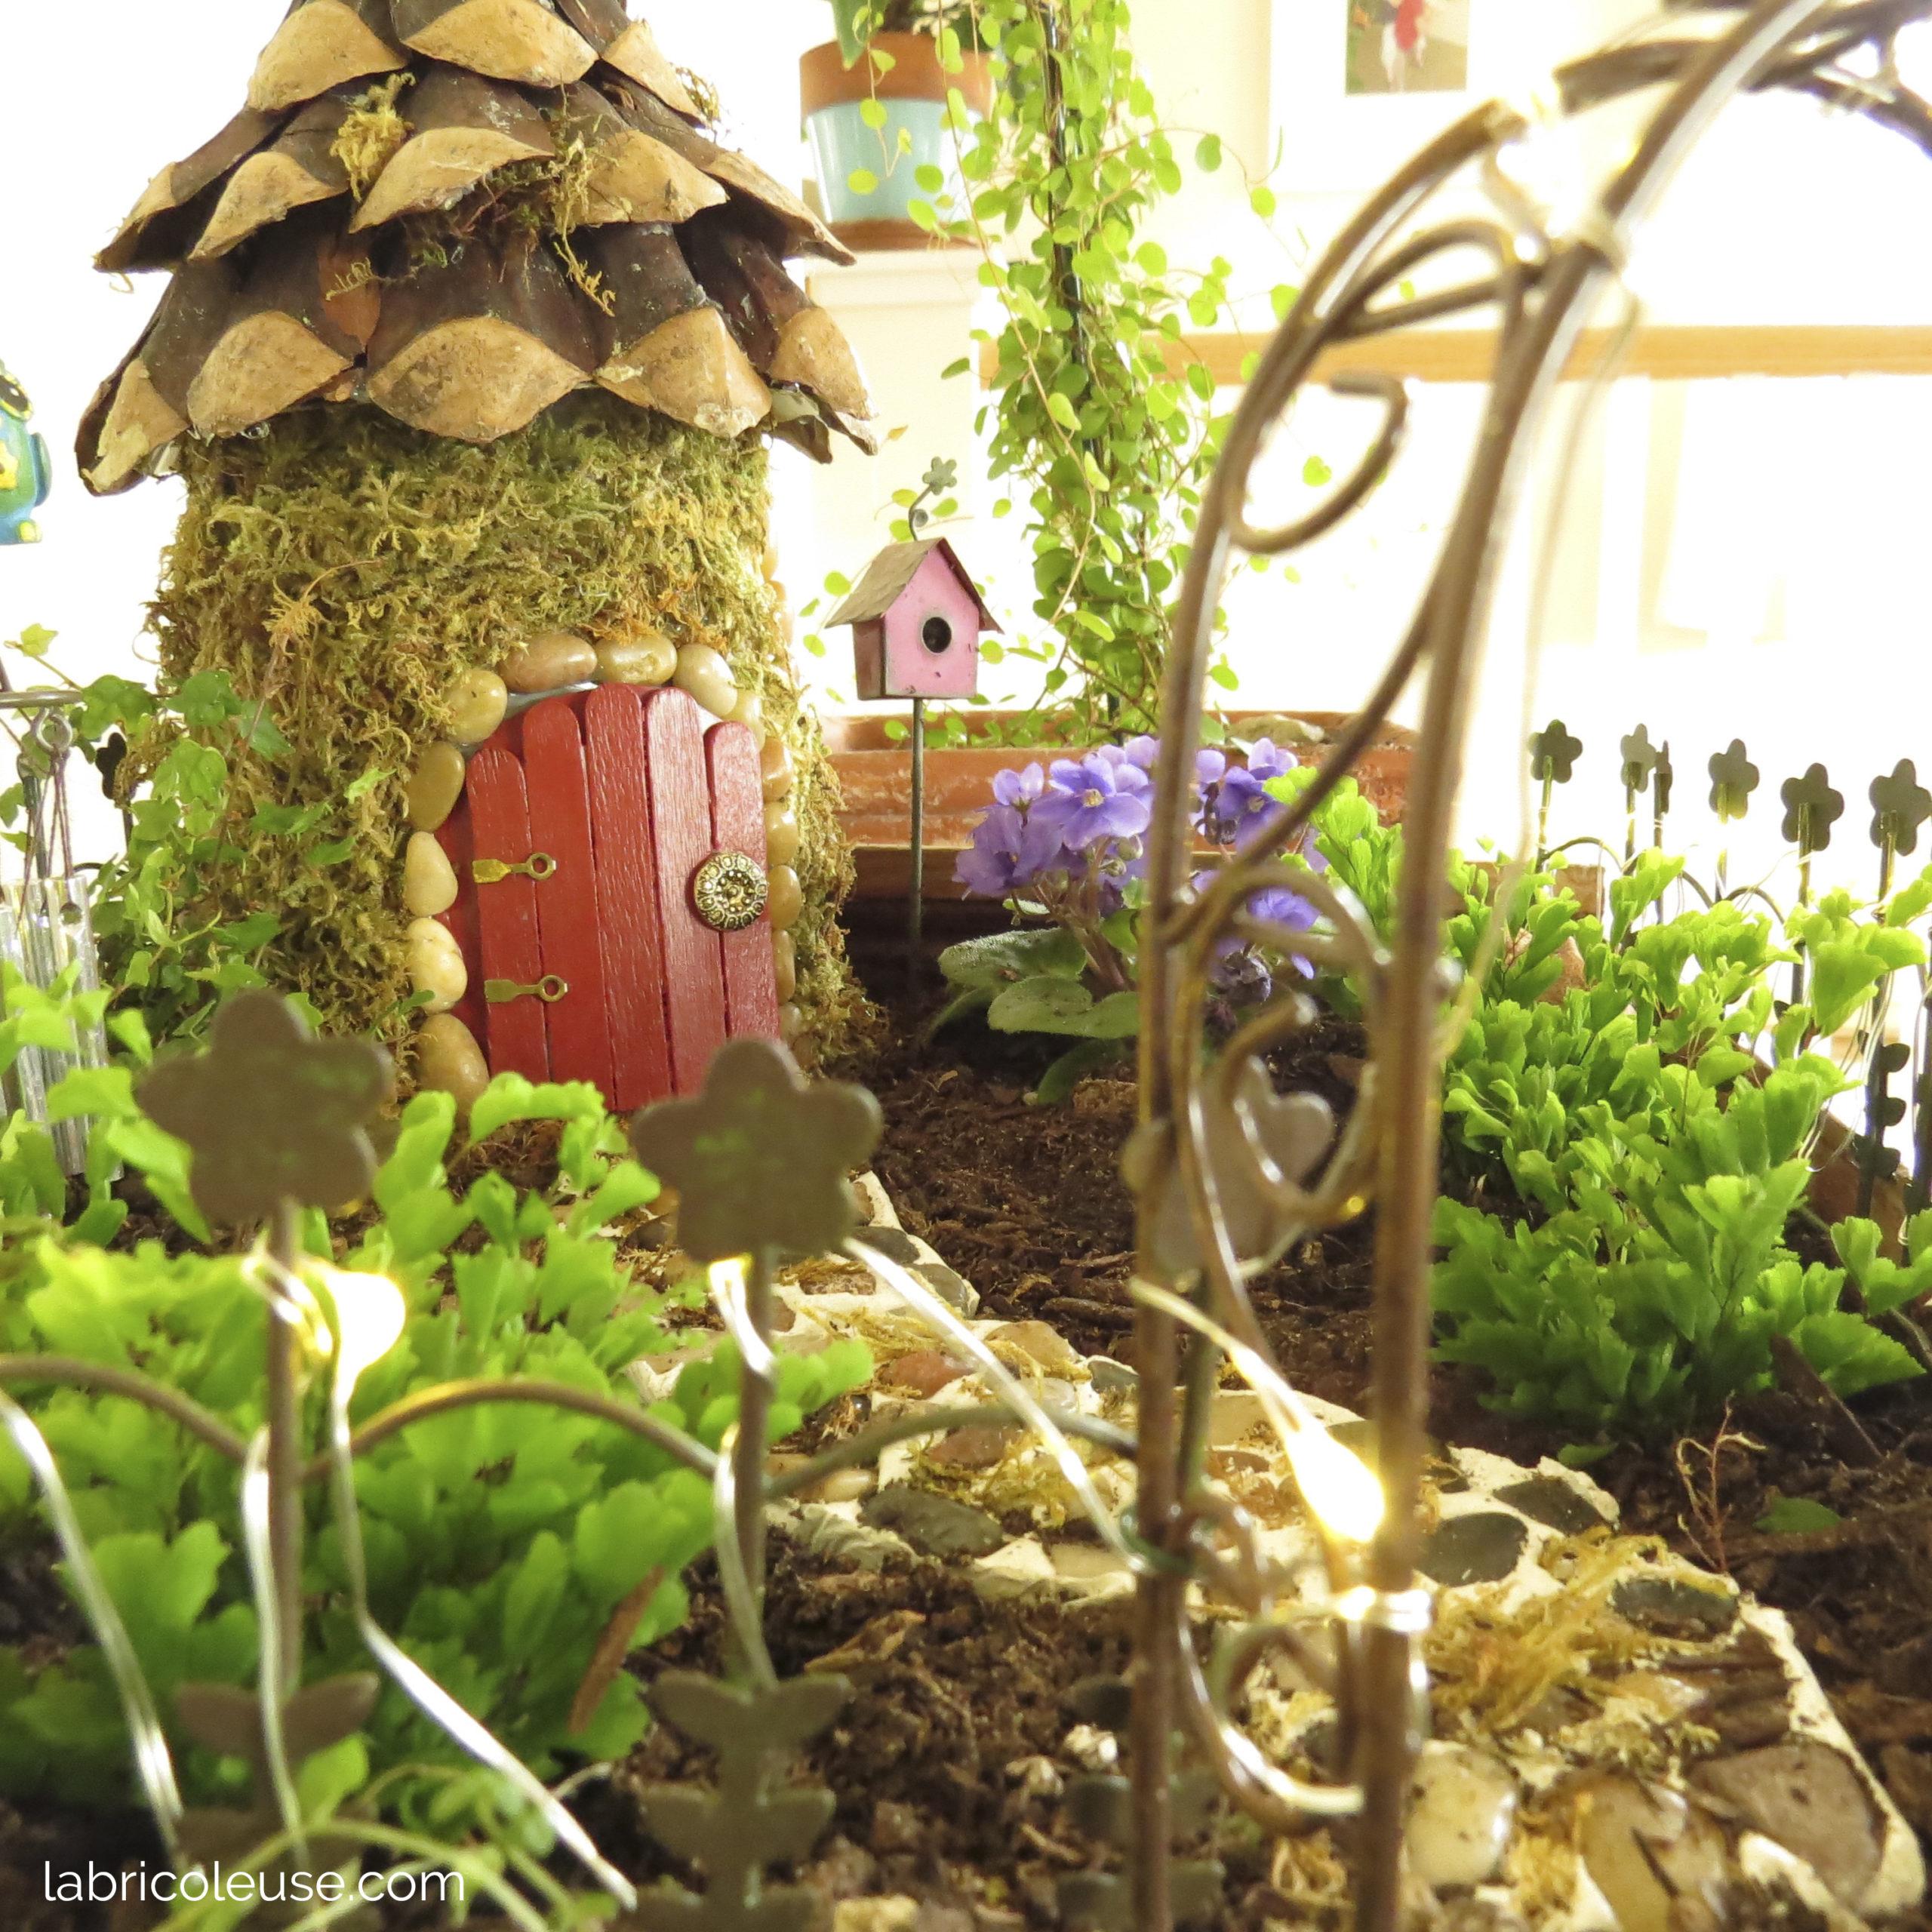 Jardin miniature, jardin de fée, vue de près.